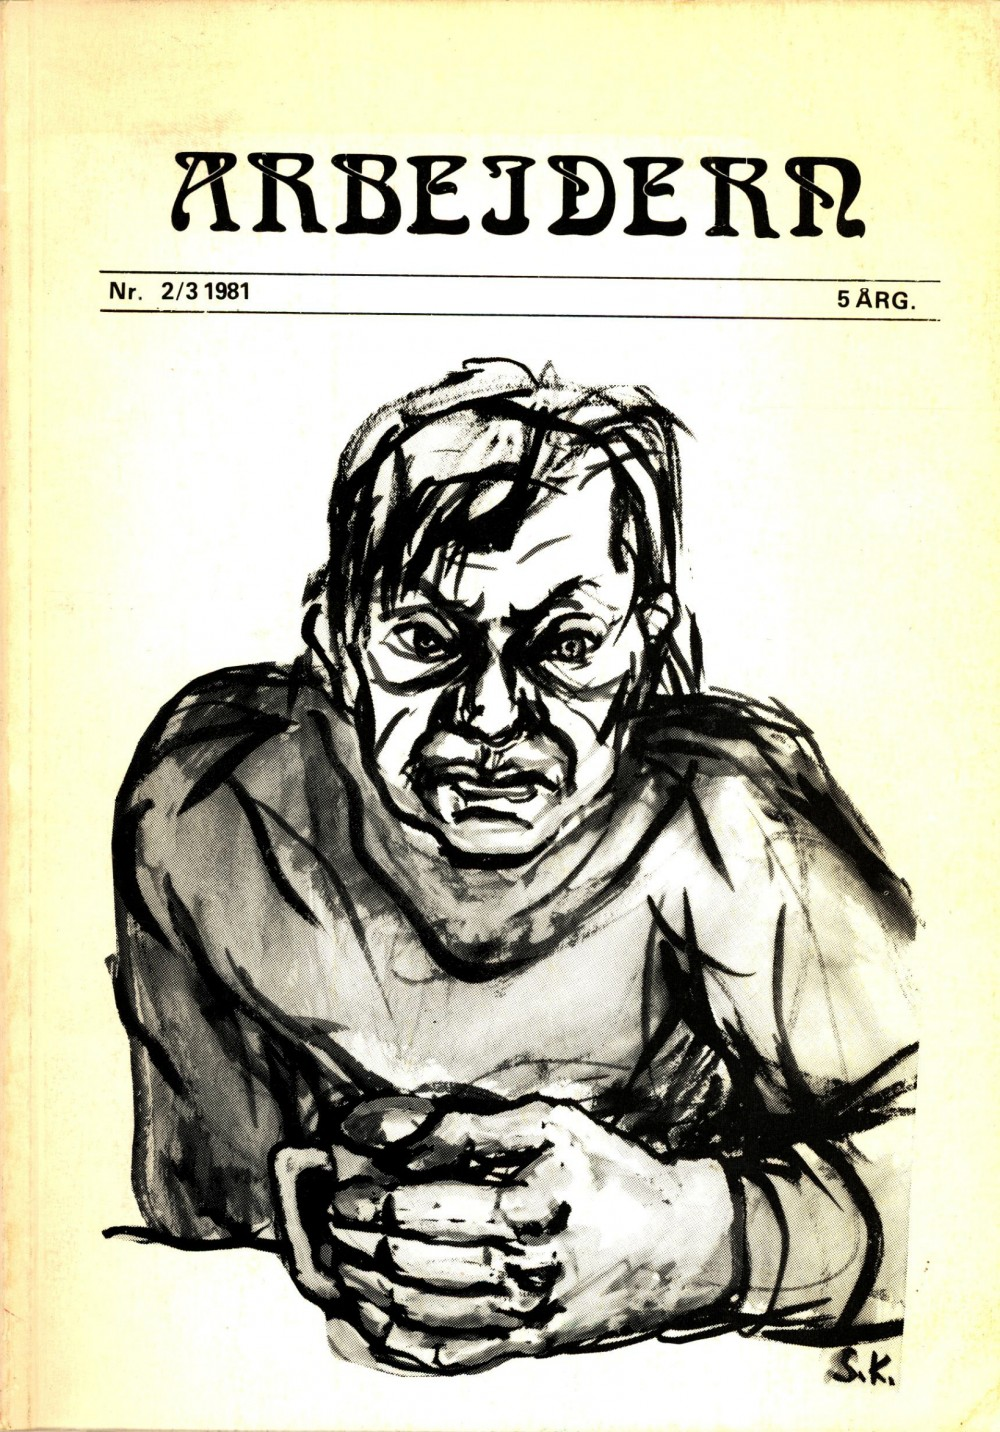 Tidsskriftet Arbeidern - nr. 2/3 1981